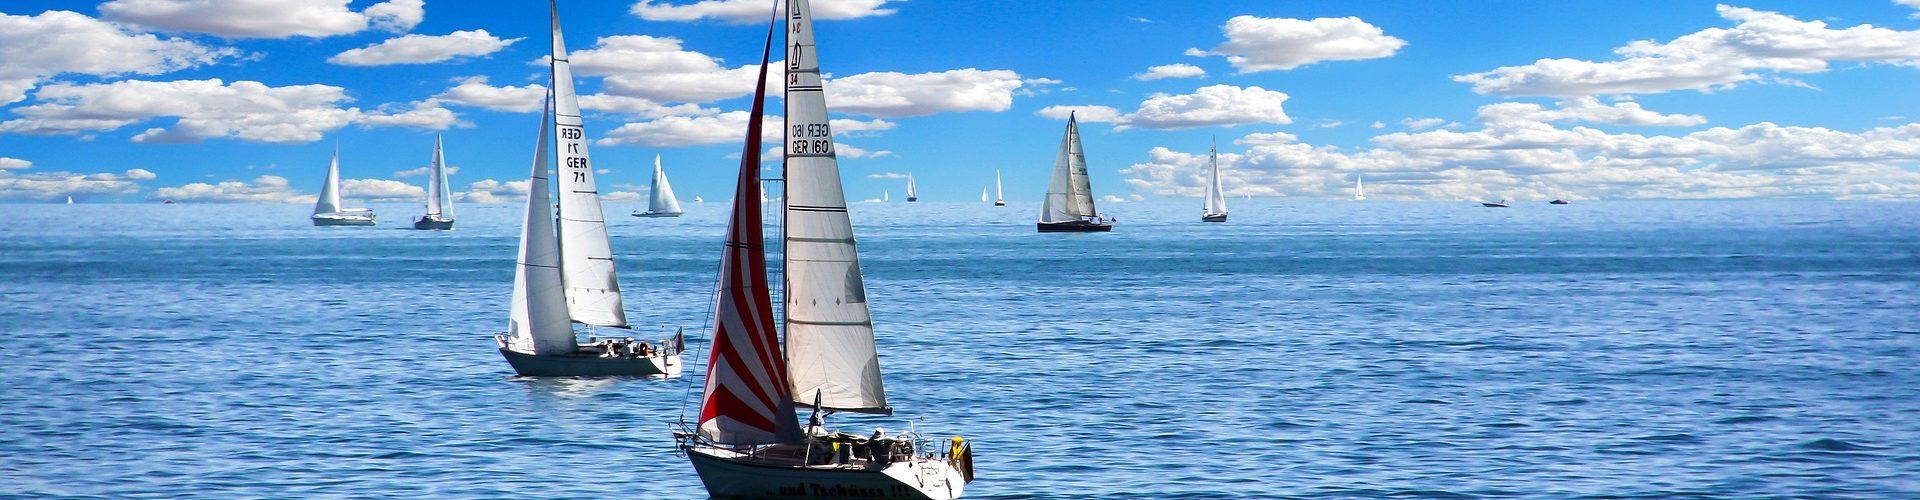 segeln lernen in Hückeswagen segelschein machen in Hückeswagen 1920x500 - Segeln lernen in Hückeswagen